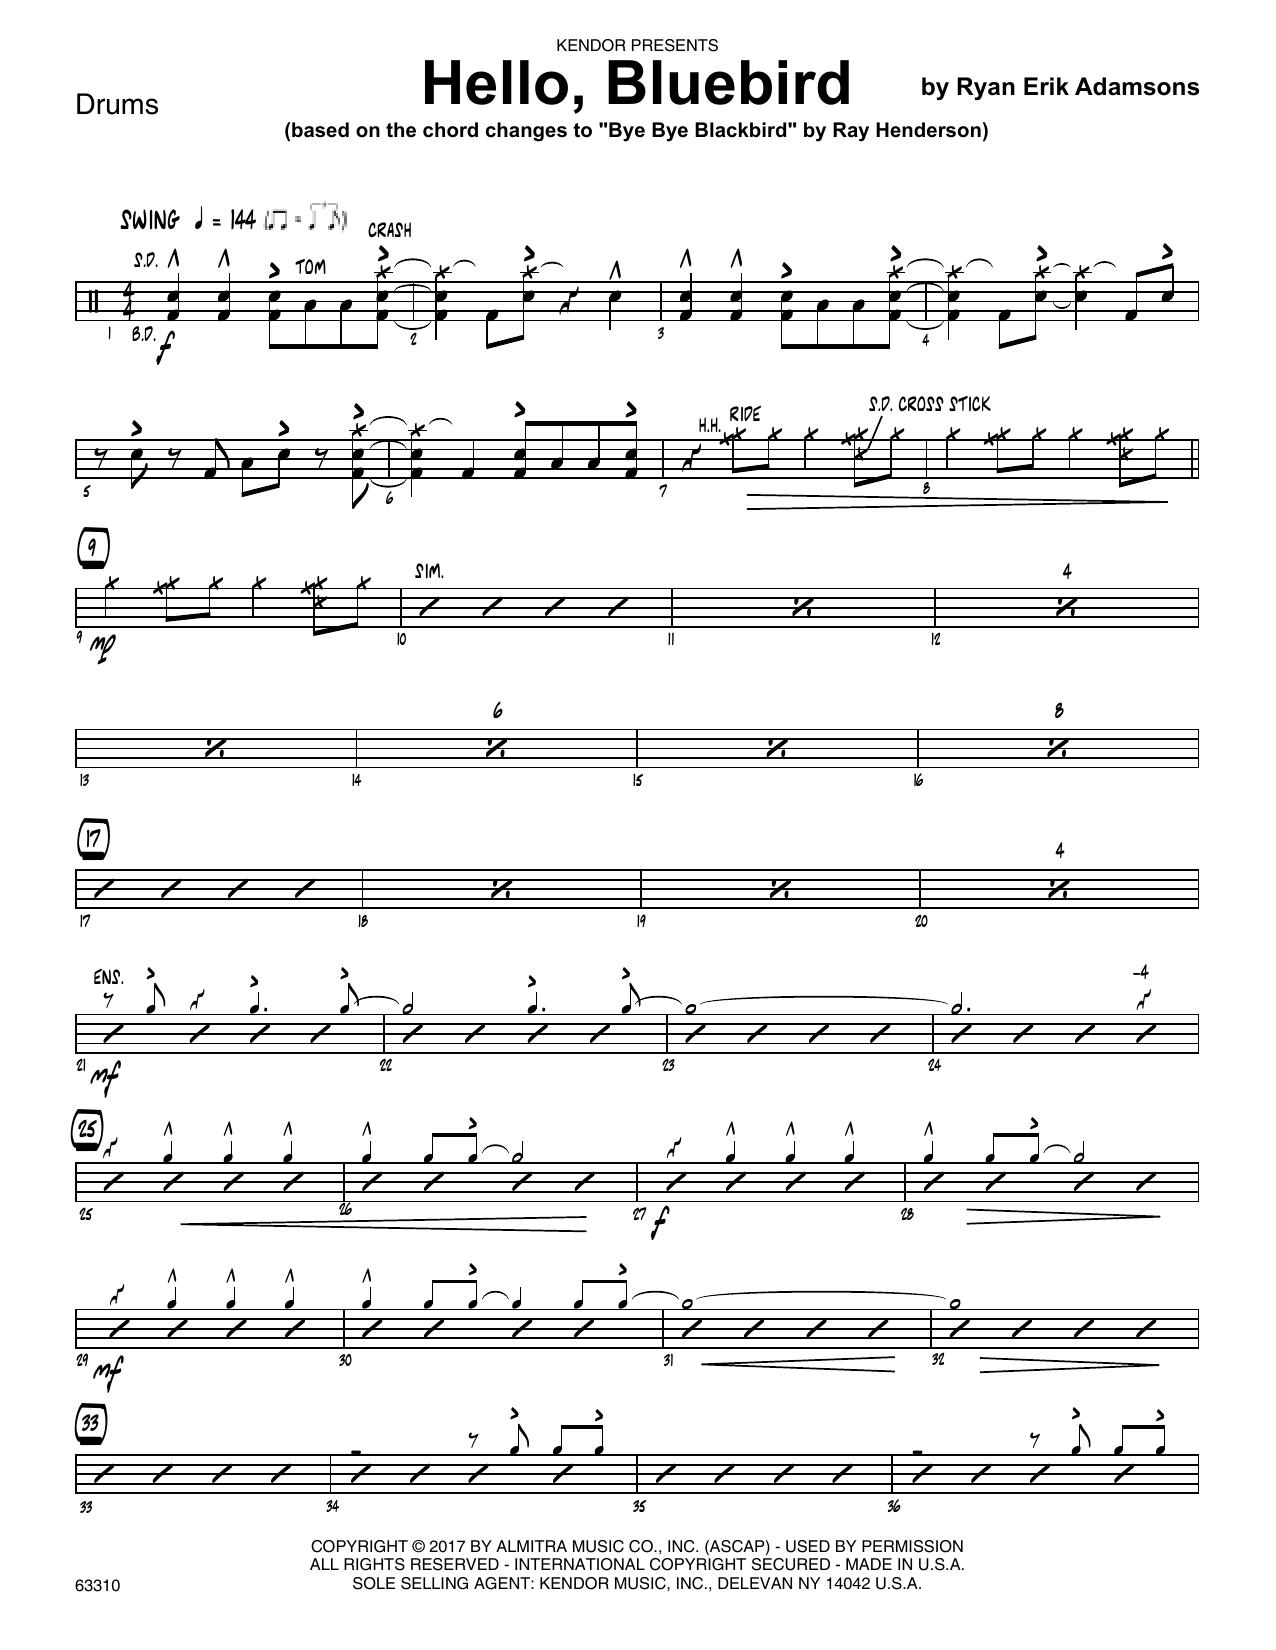 Ryan Erik Adamsons Hello, Bluebird (based on Bye Bye Blackbird) - Drum Set sheet music notes printable PDF score